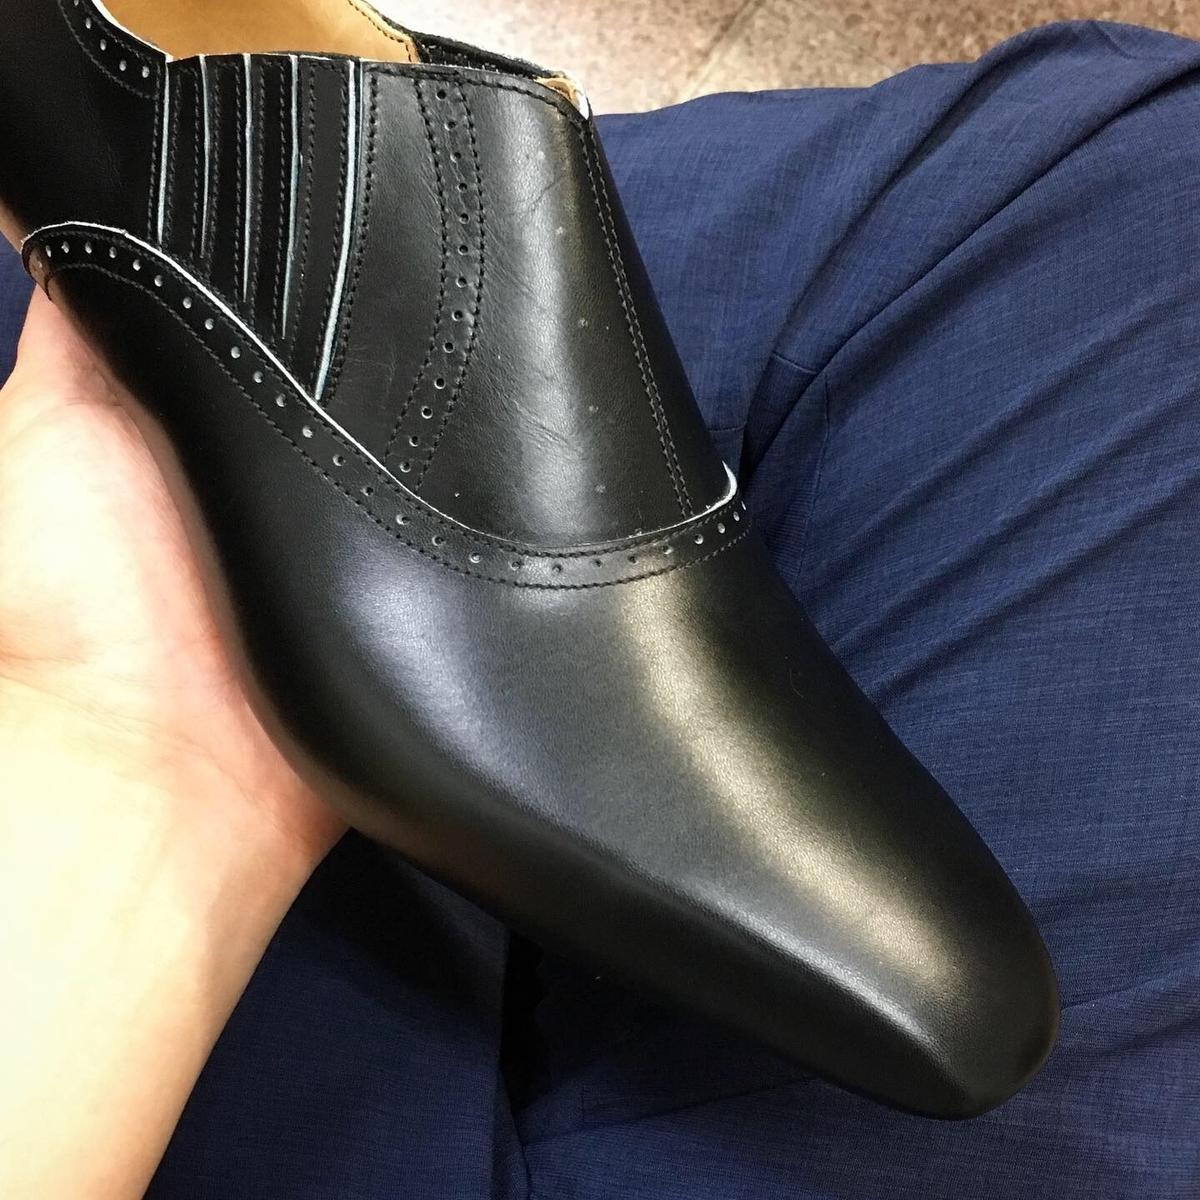 f:id:raymar-shoes:20190722230725j:plain